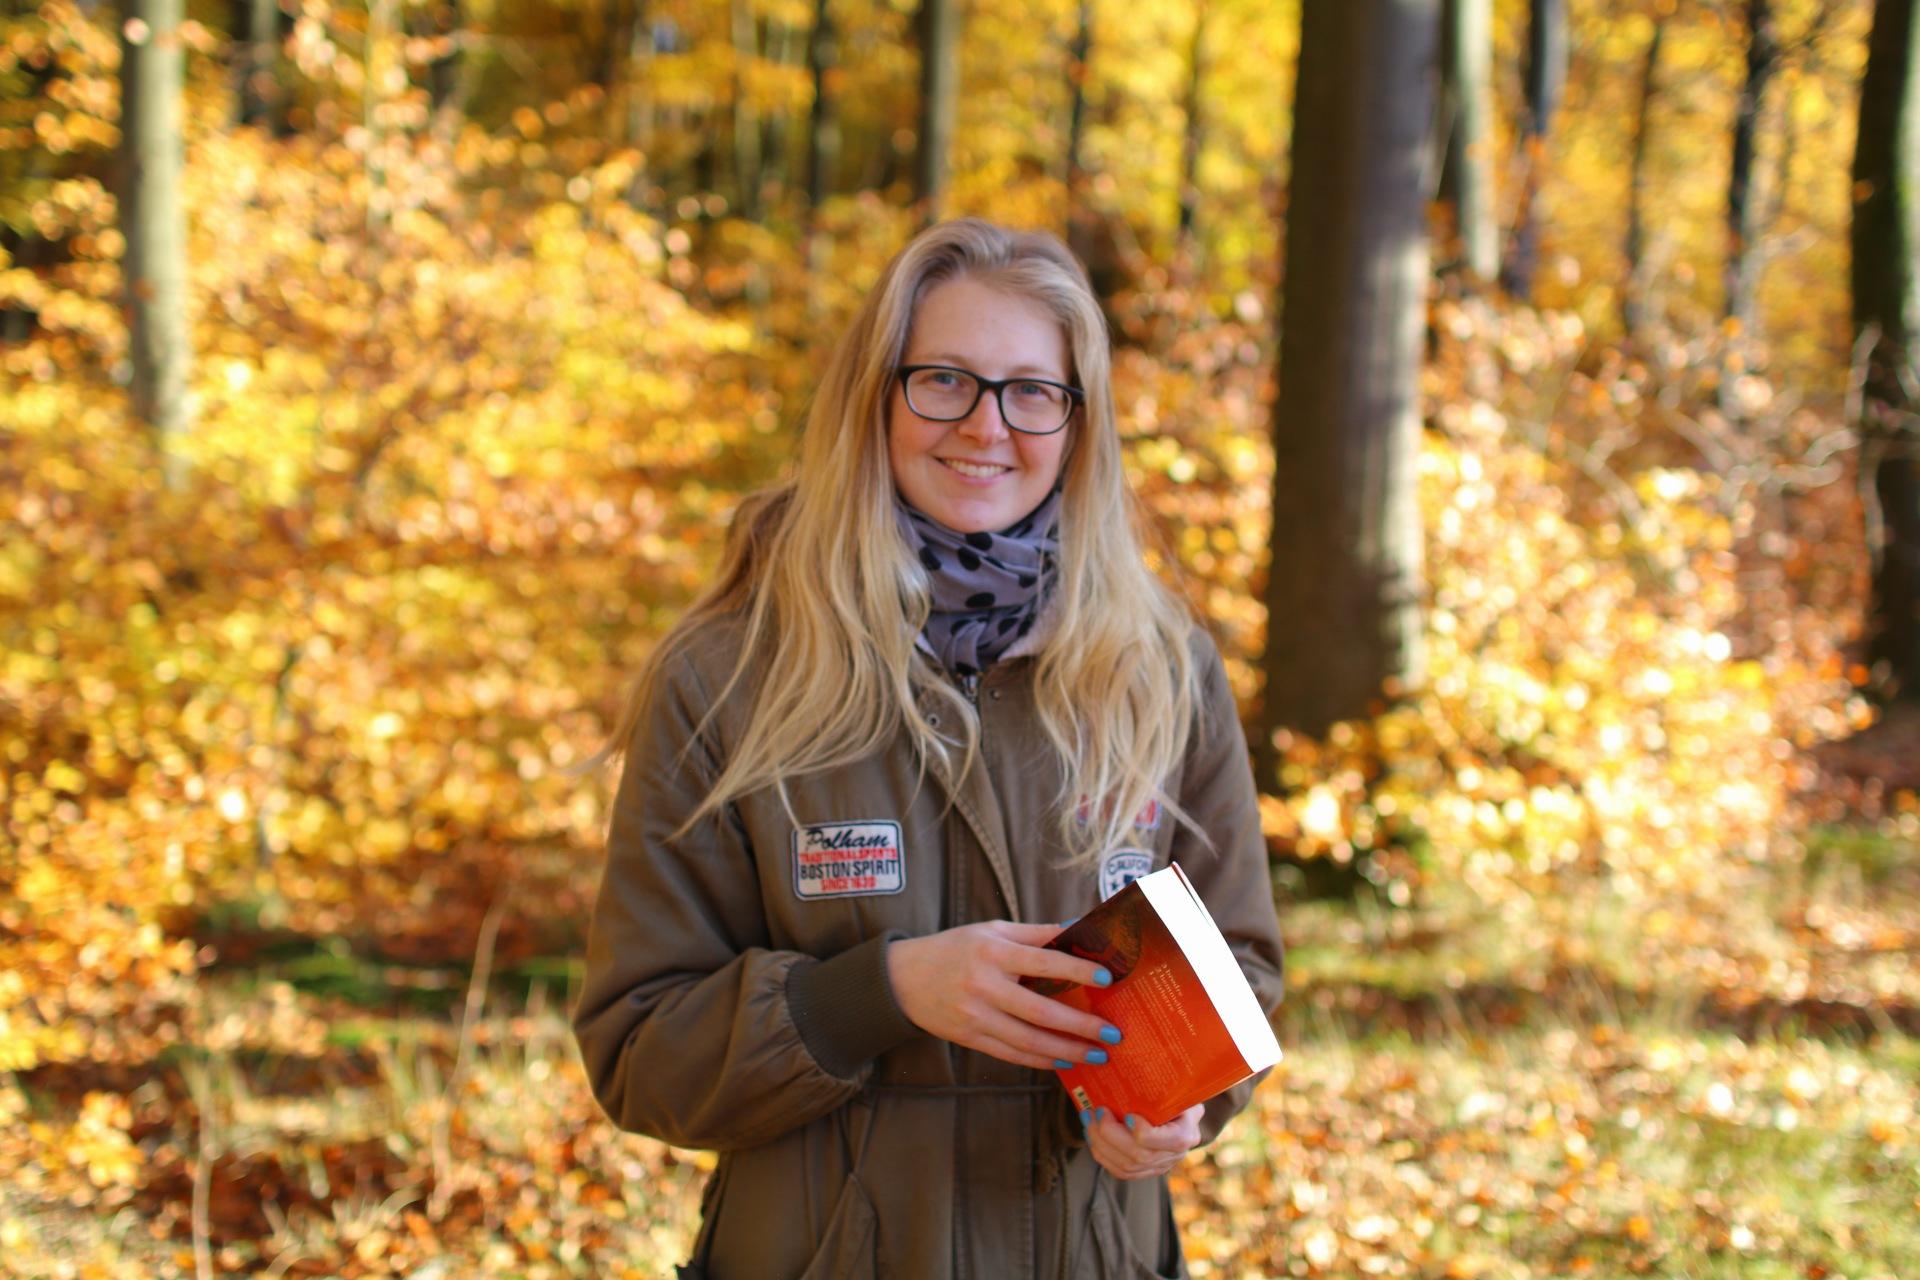 Billedet viser mig, der står i skoven med en orange bog i hånden. I baggrunden ser man træer og blade i efterårets gule og orange farver.